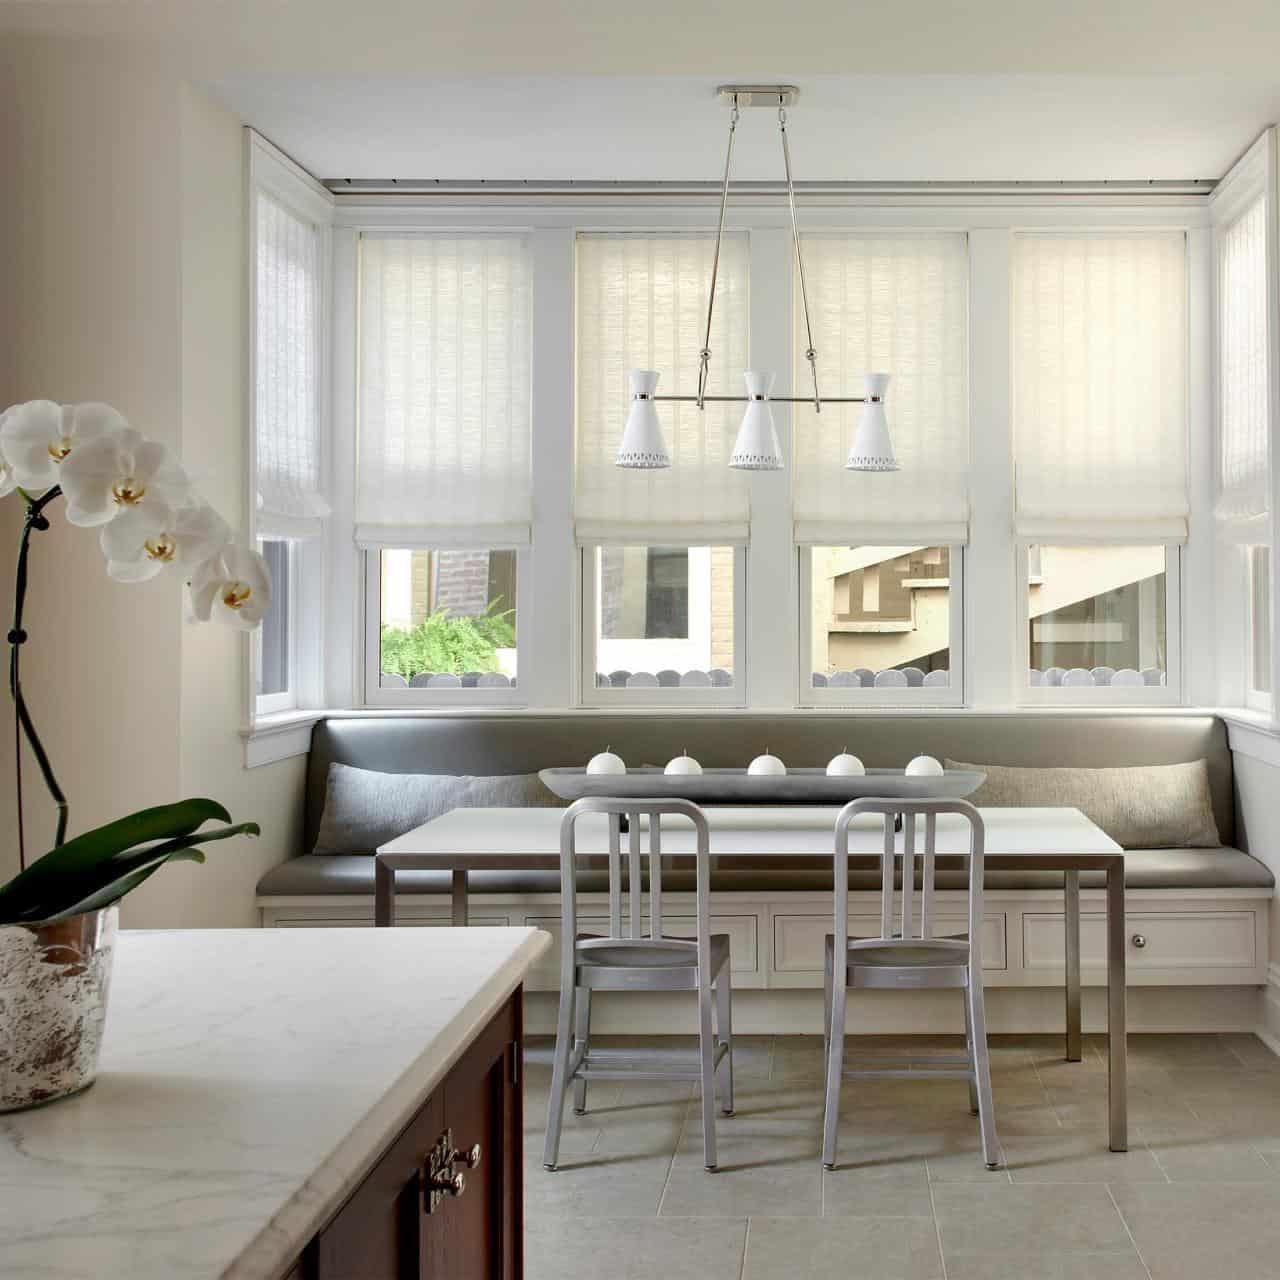 modern banquette kitchen seating